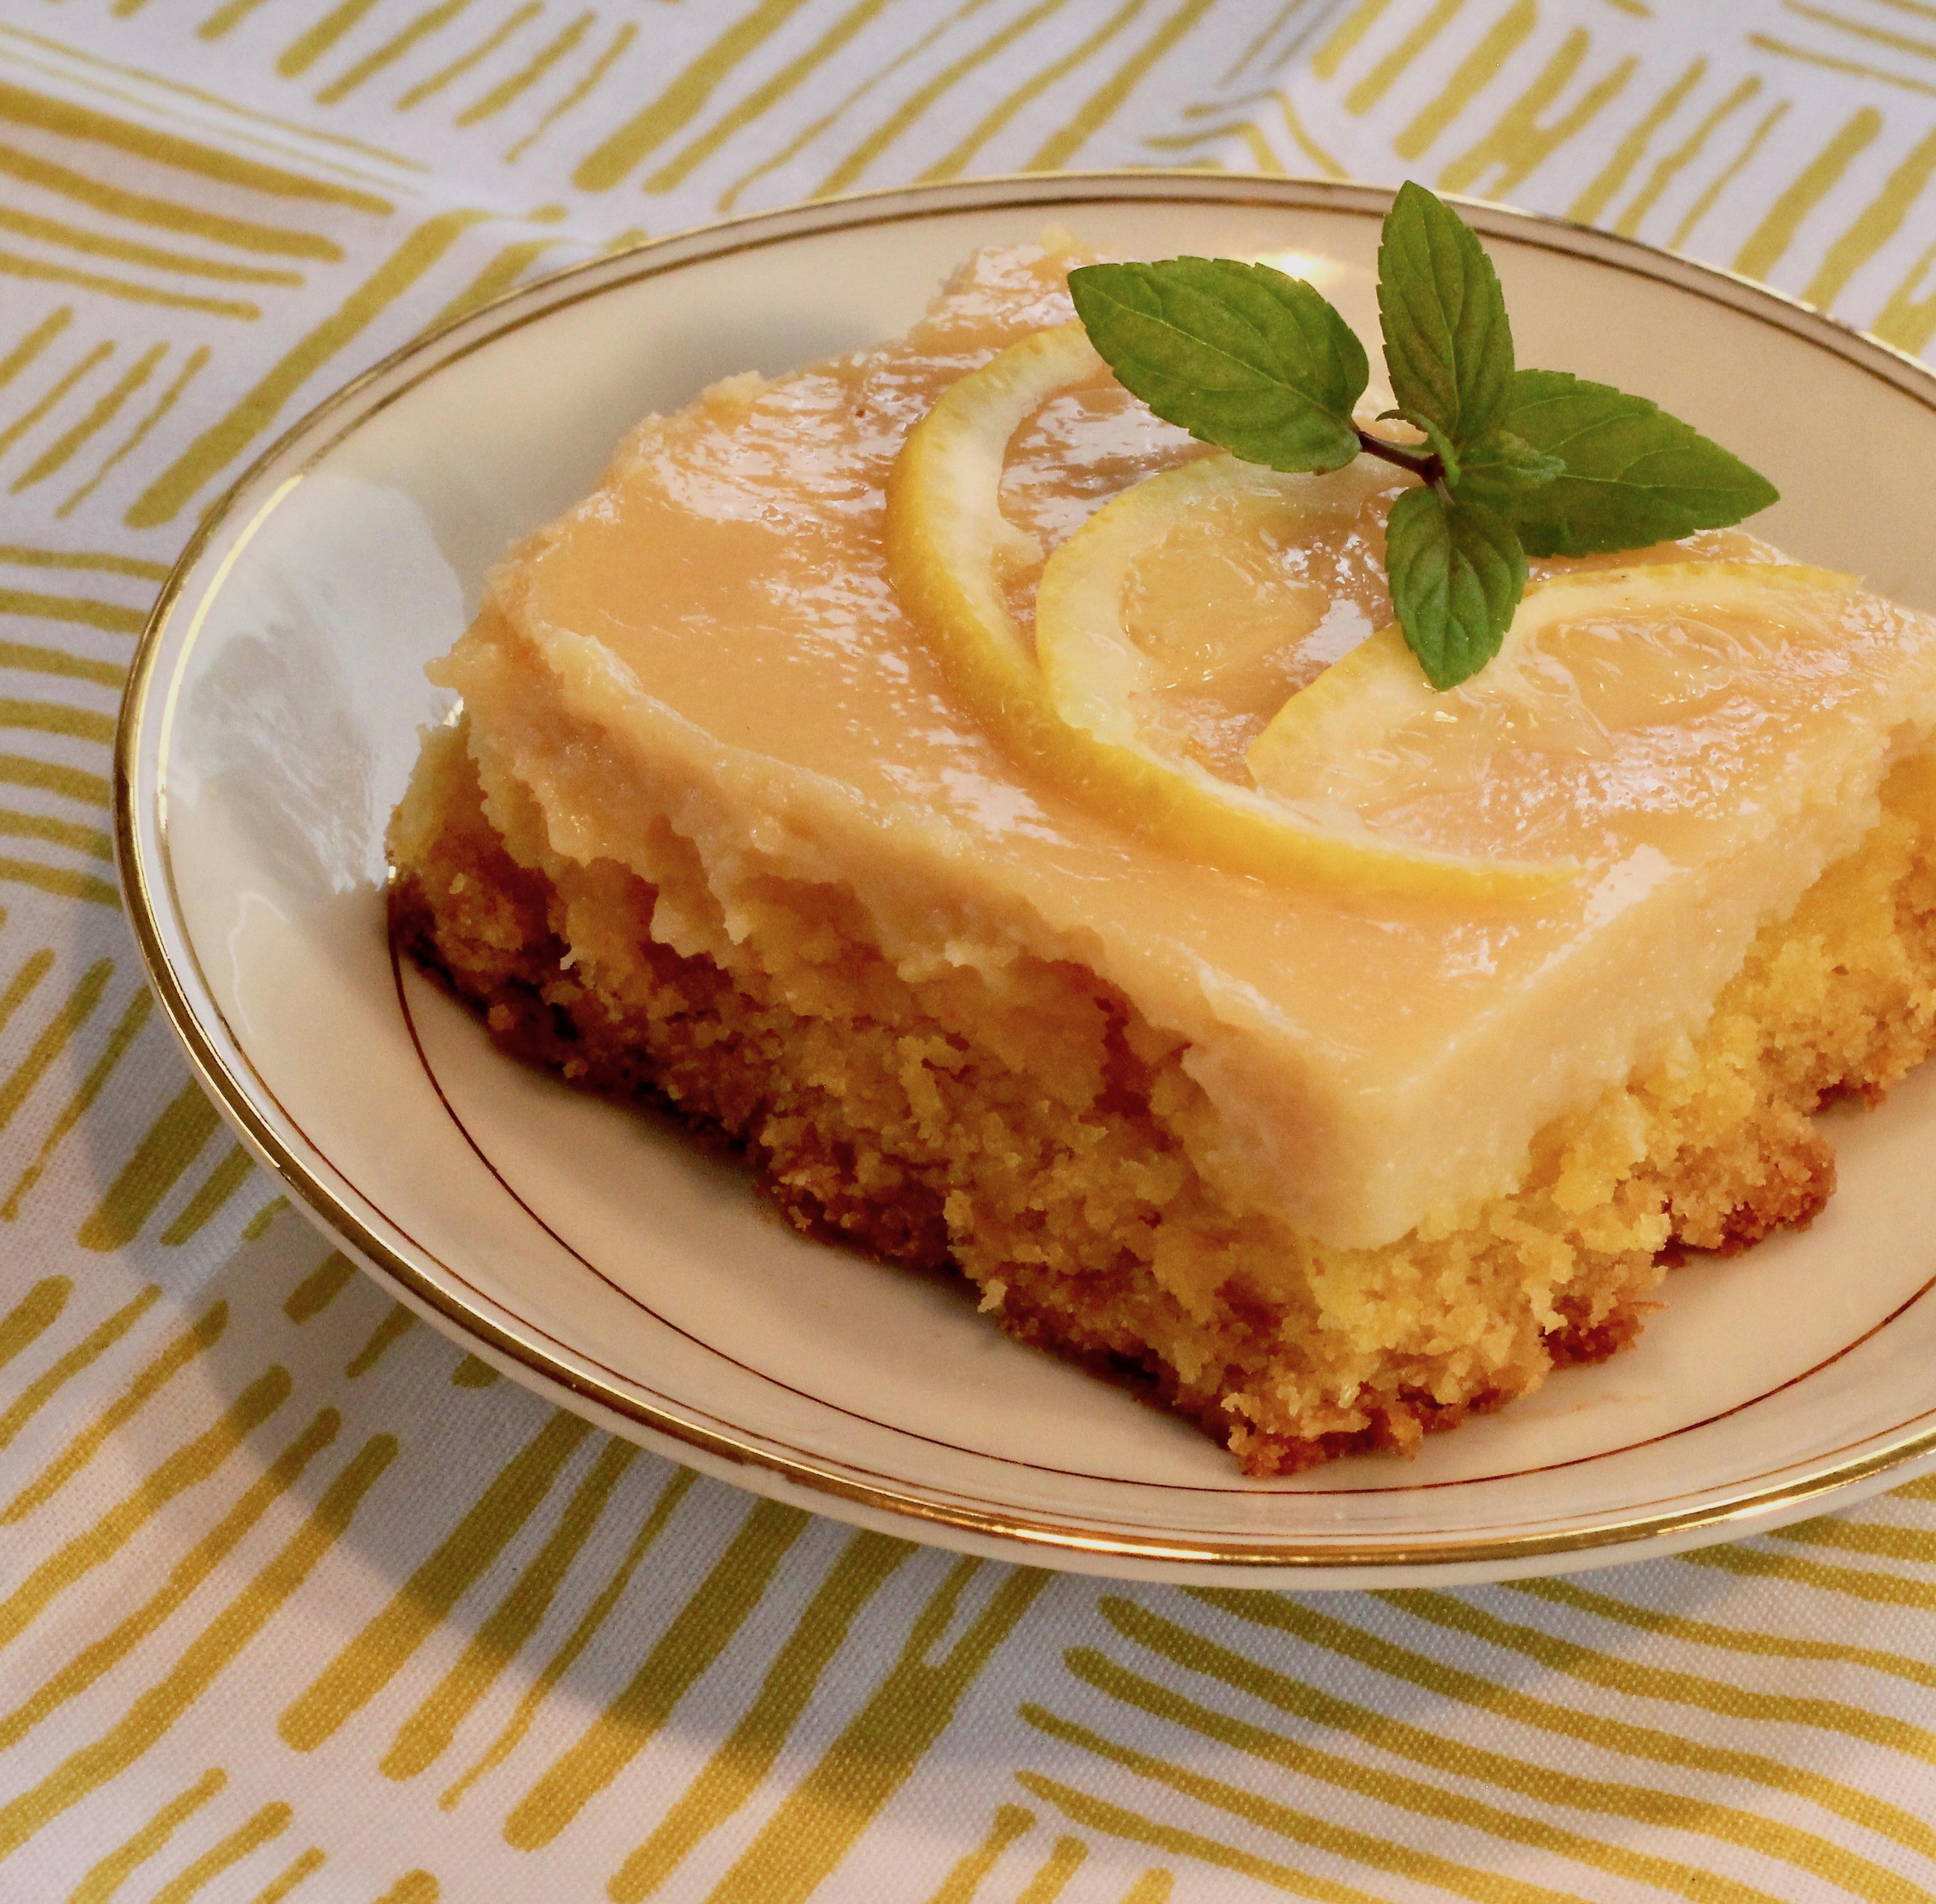 Sunshine Lemon Bars lutzflcat